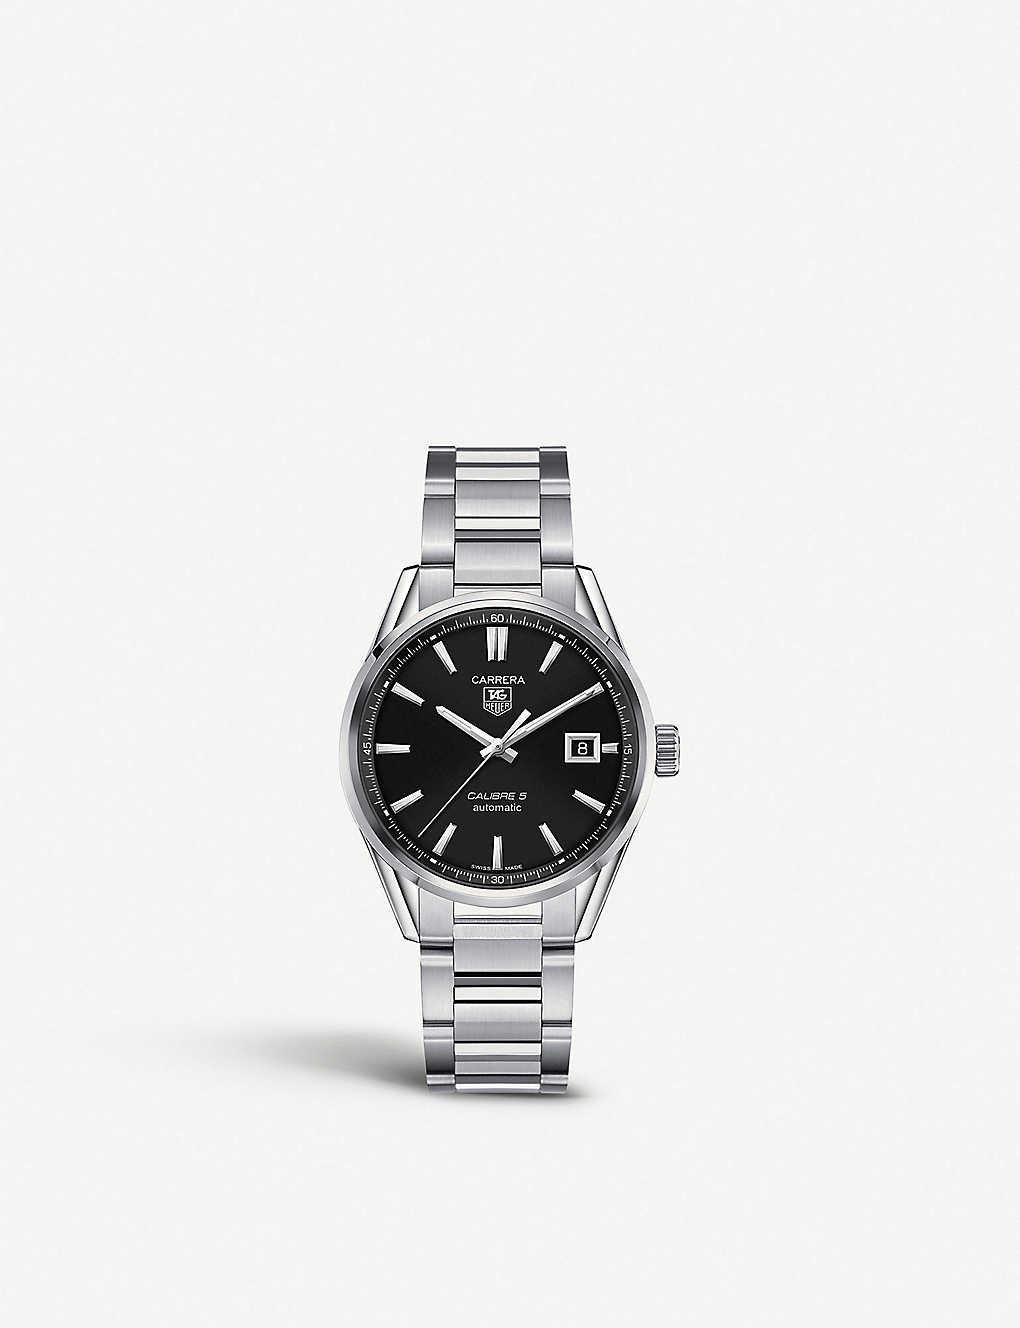 Tag Carrera Watch >> Tag Heuer Carrera Calibre 5 Watch Selfridges Com